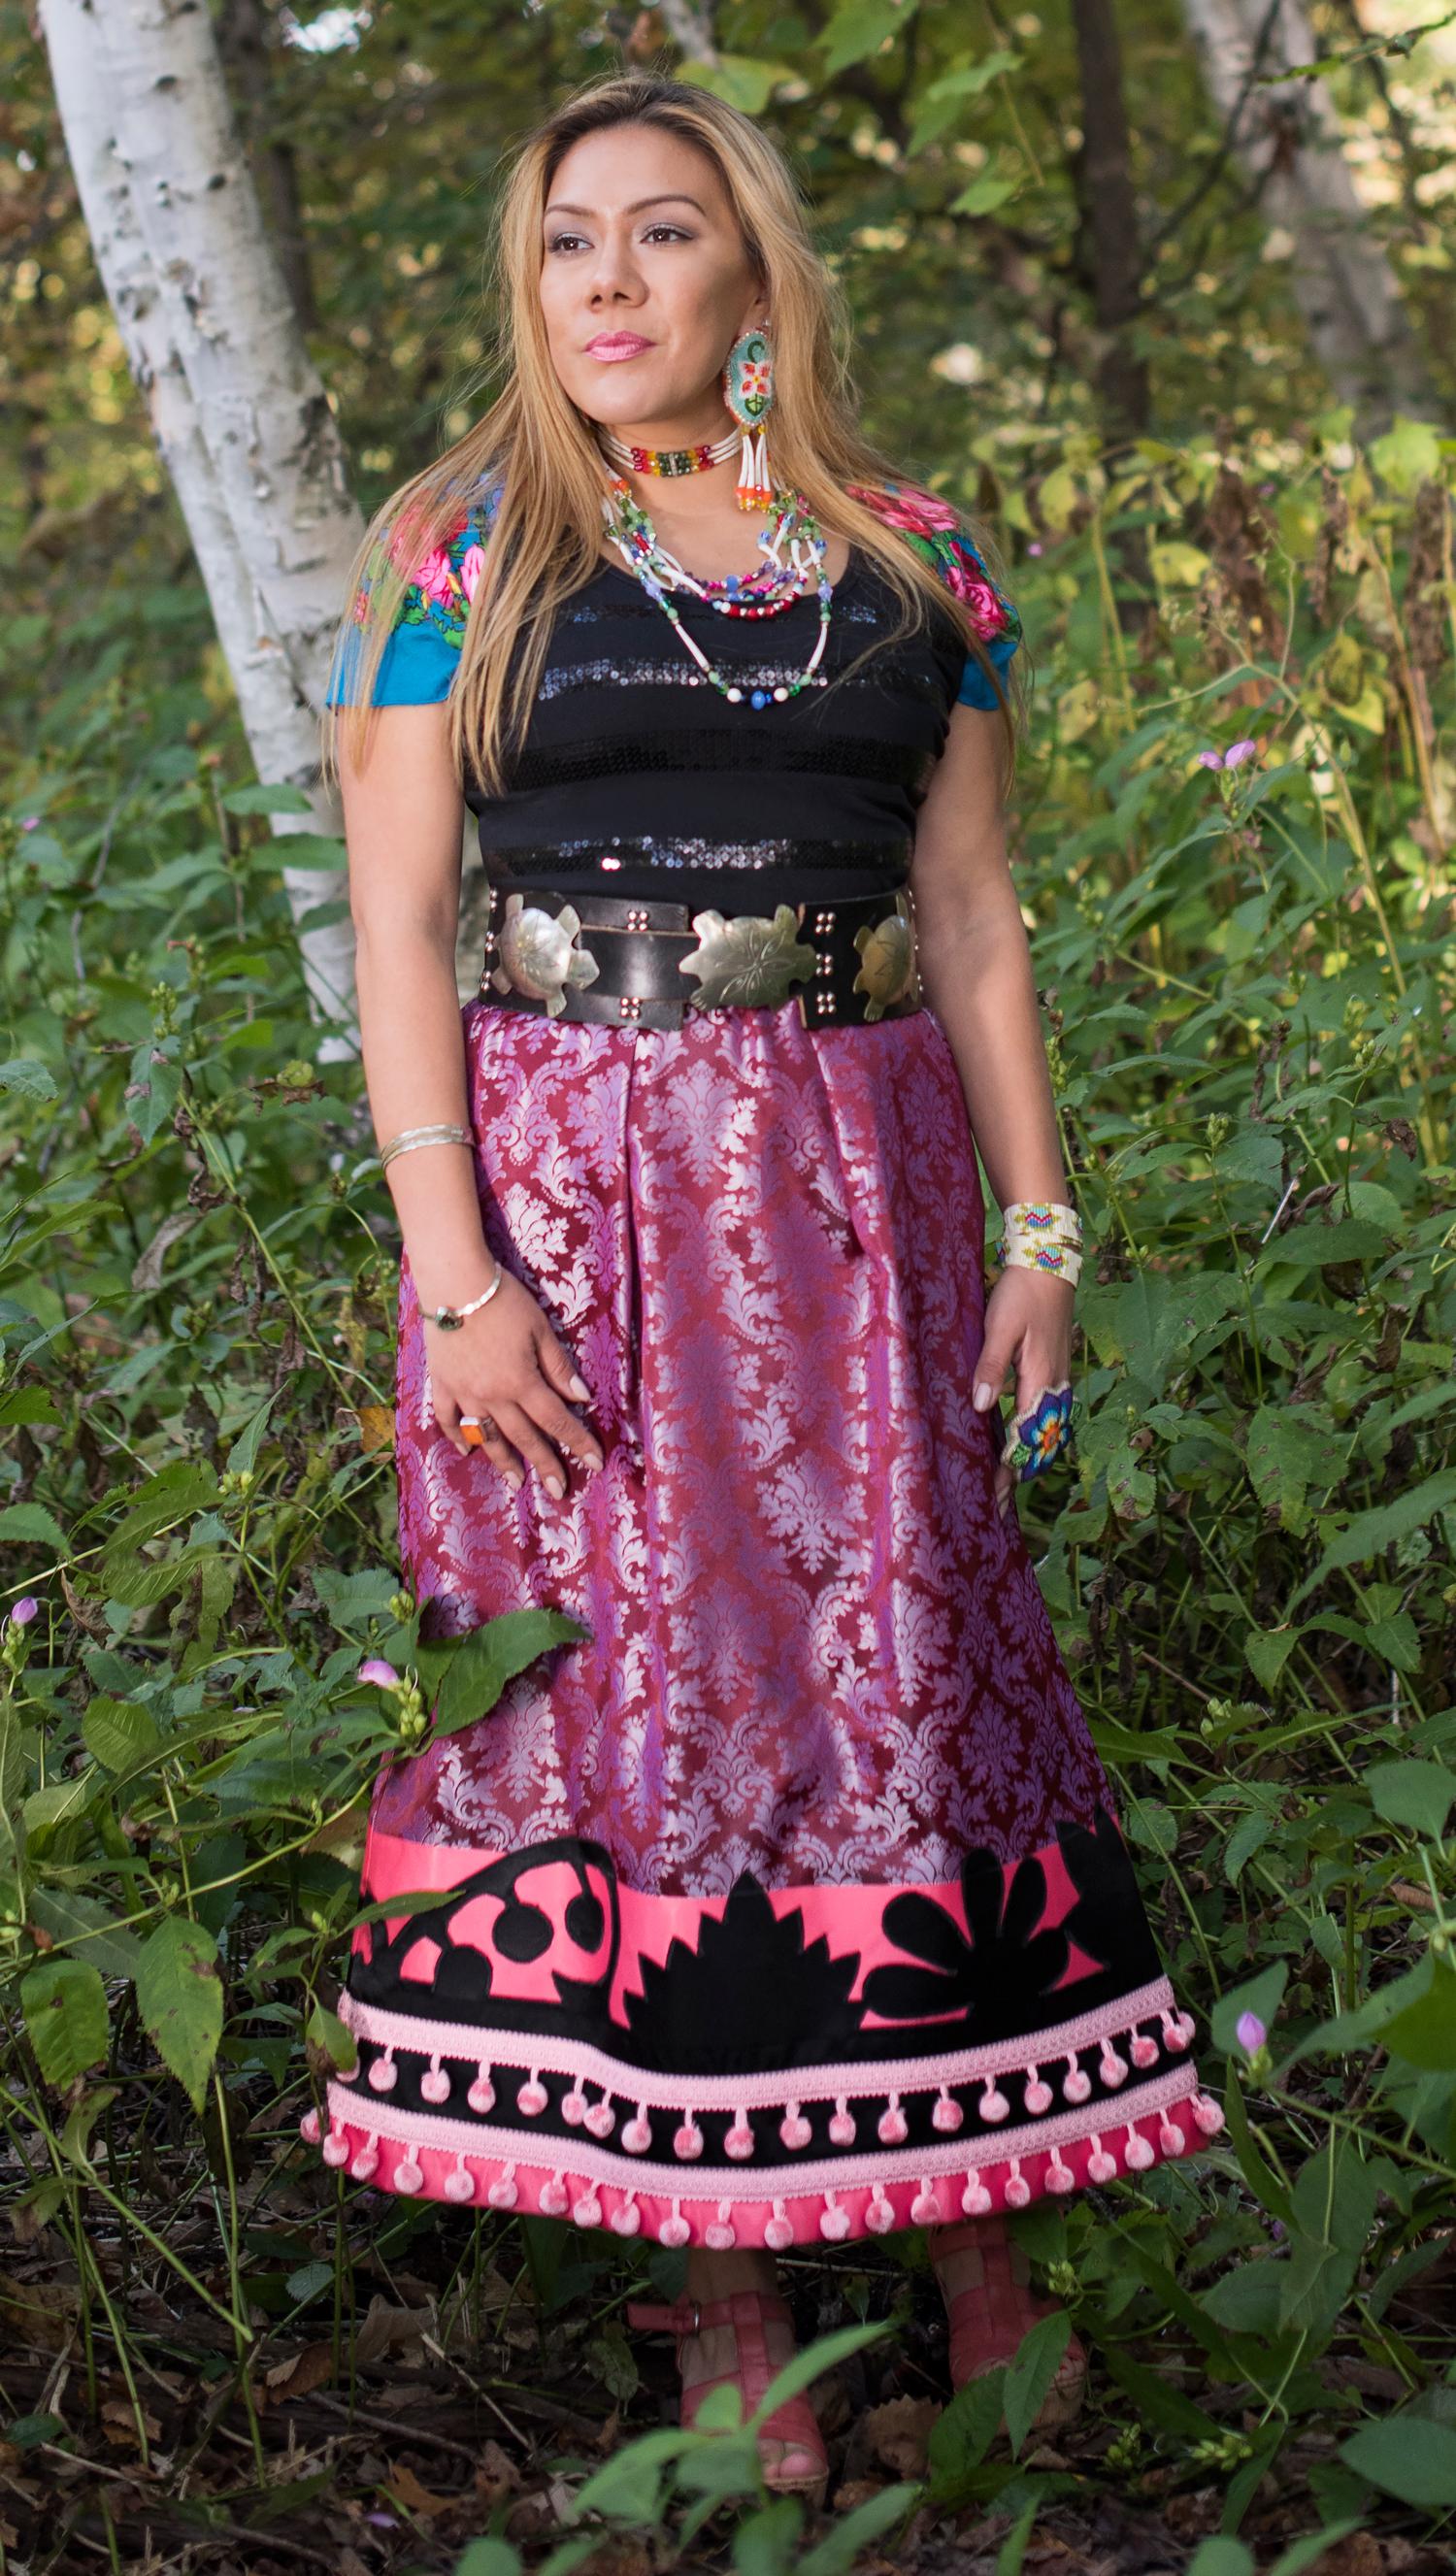 Makodewaabigwan Gishkijiiwagooday / Black Floral Skirt